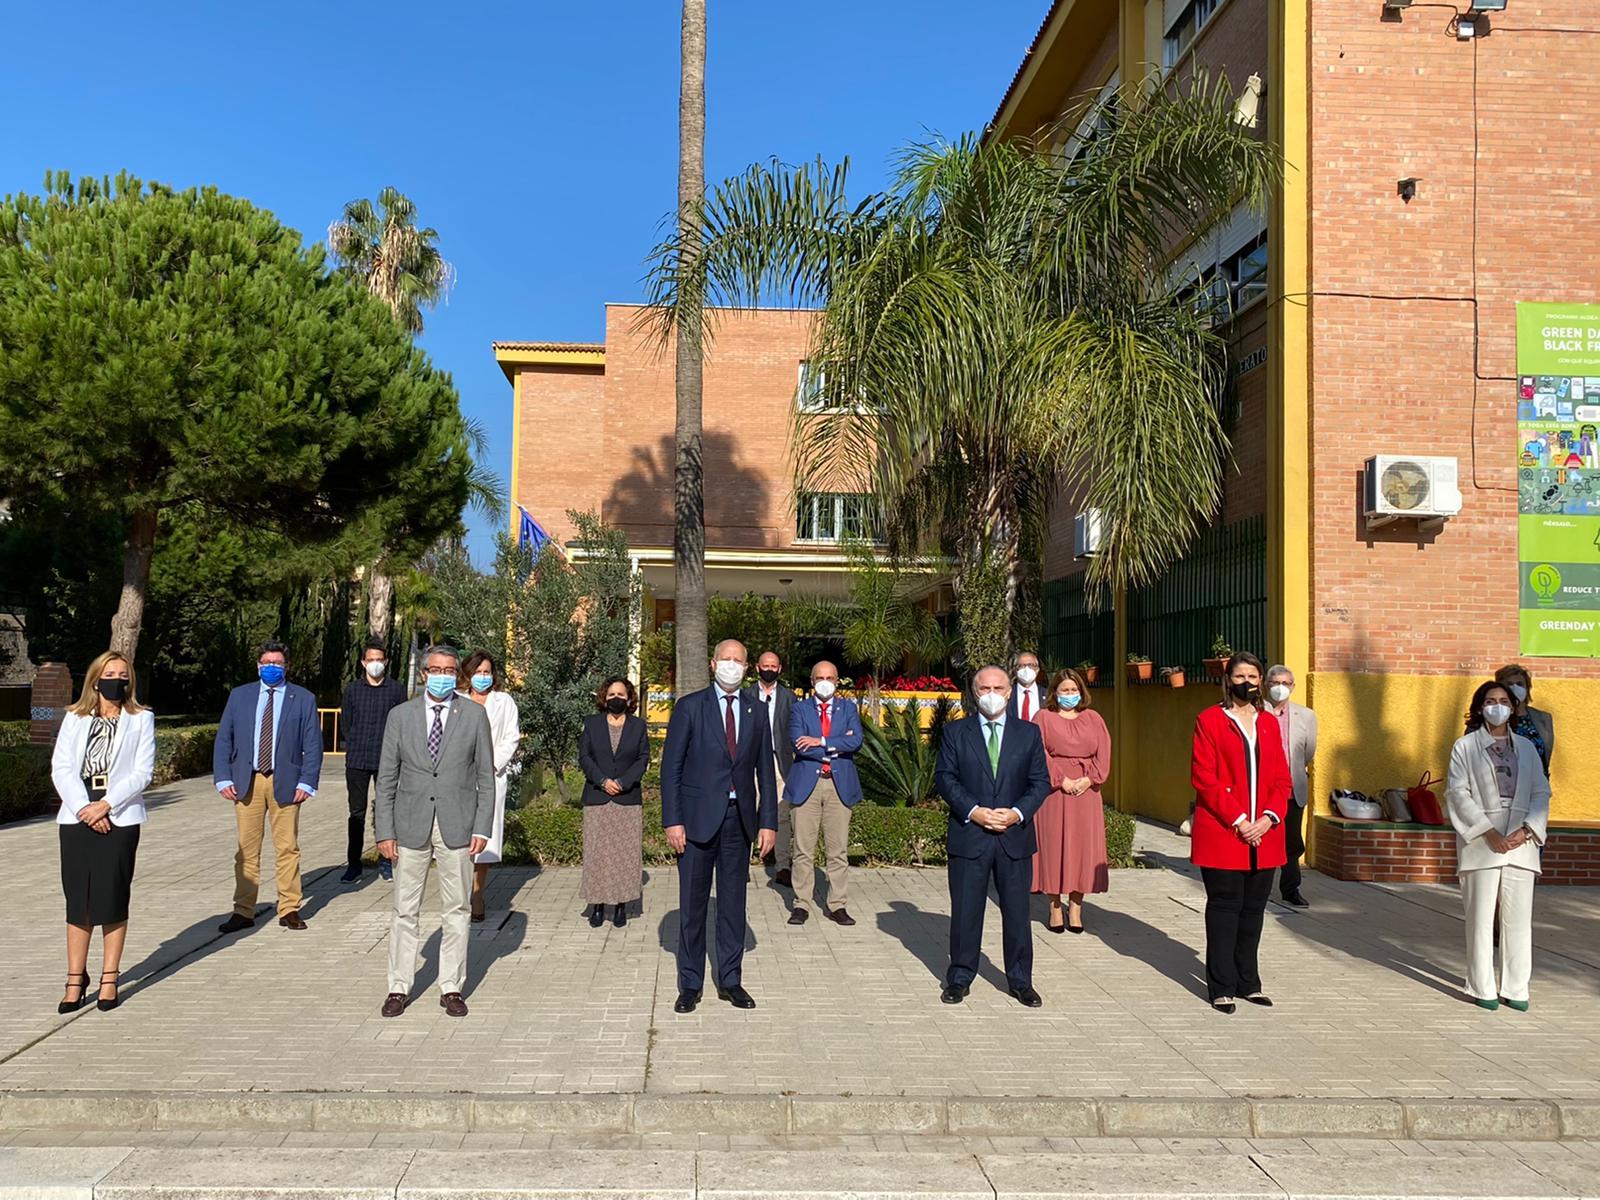 La Junta destaca la apuesta por la «excelencia educativa» con el Bachillerato Internacional